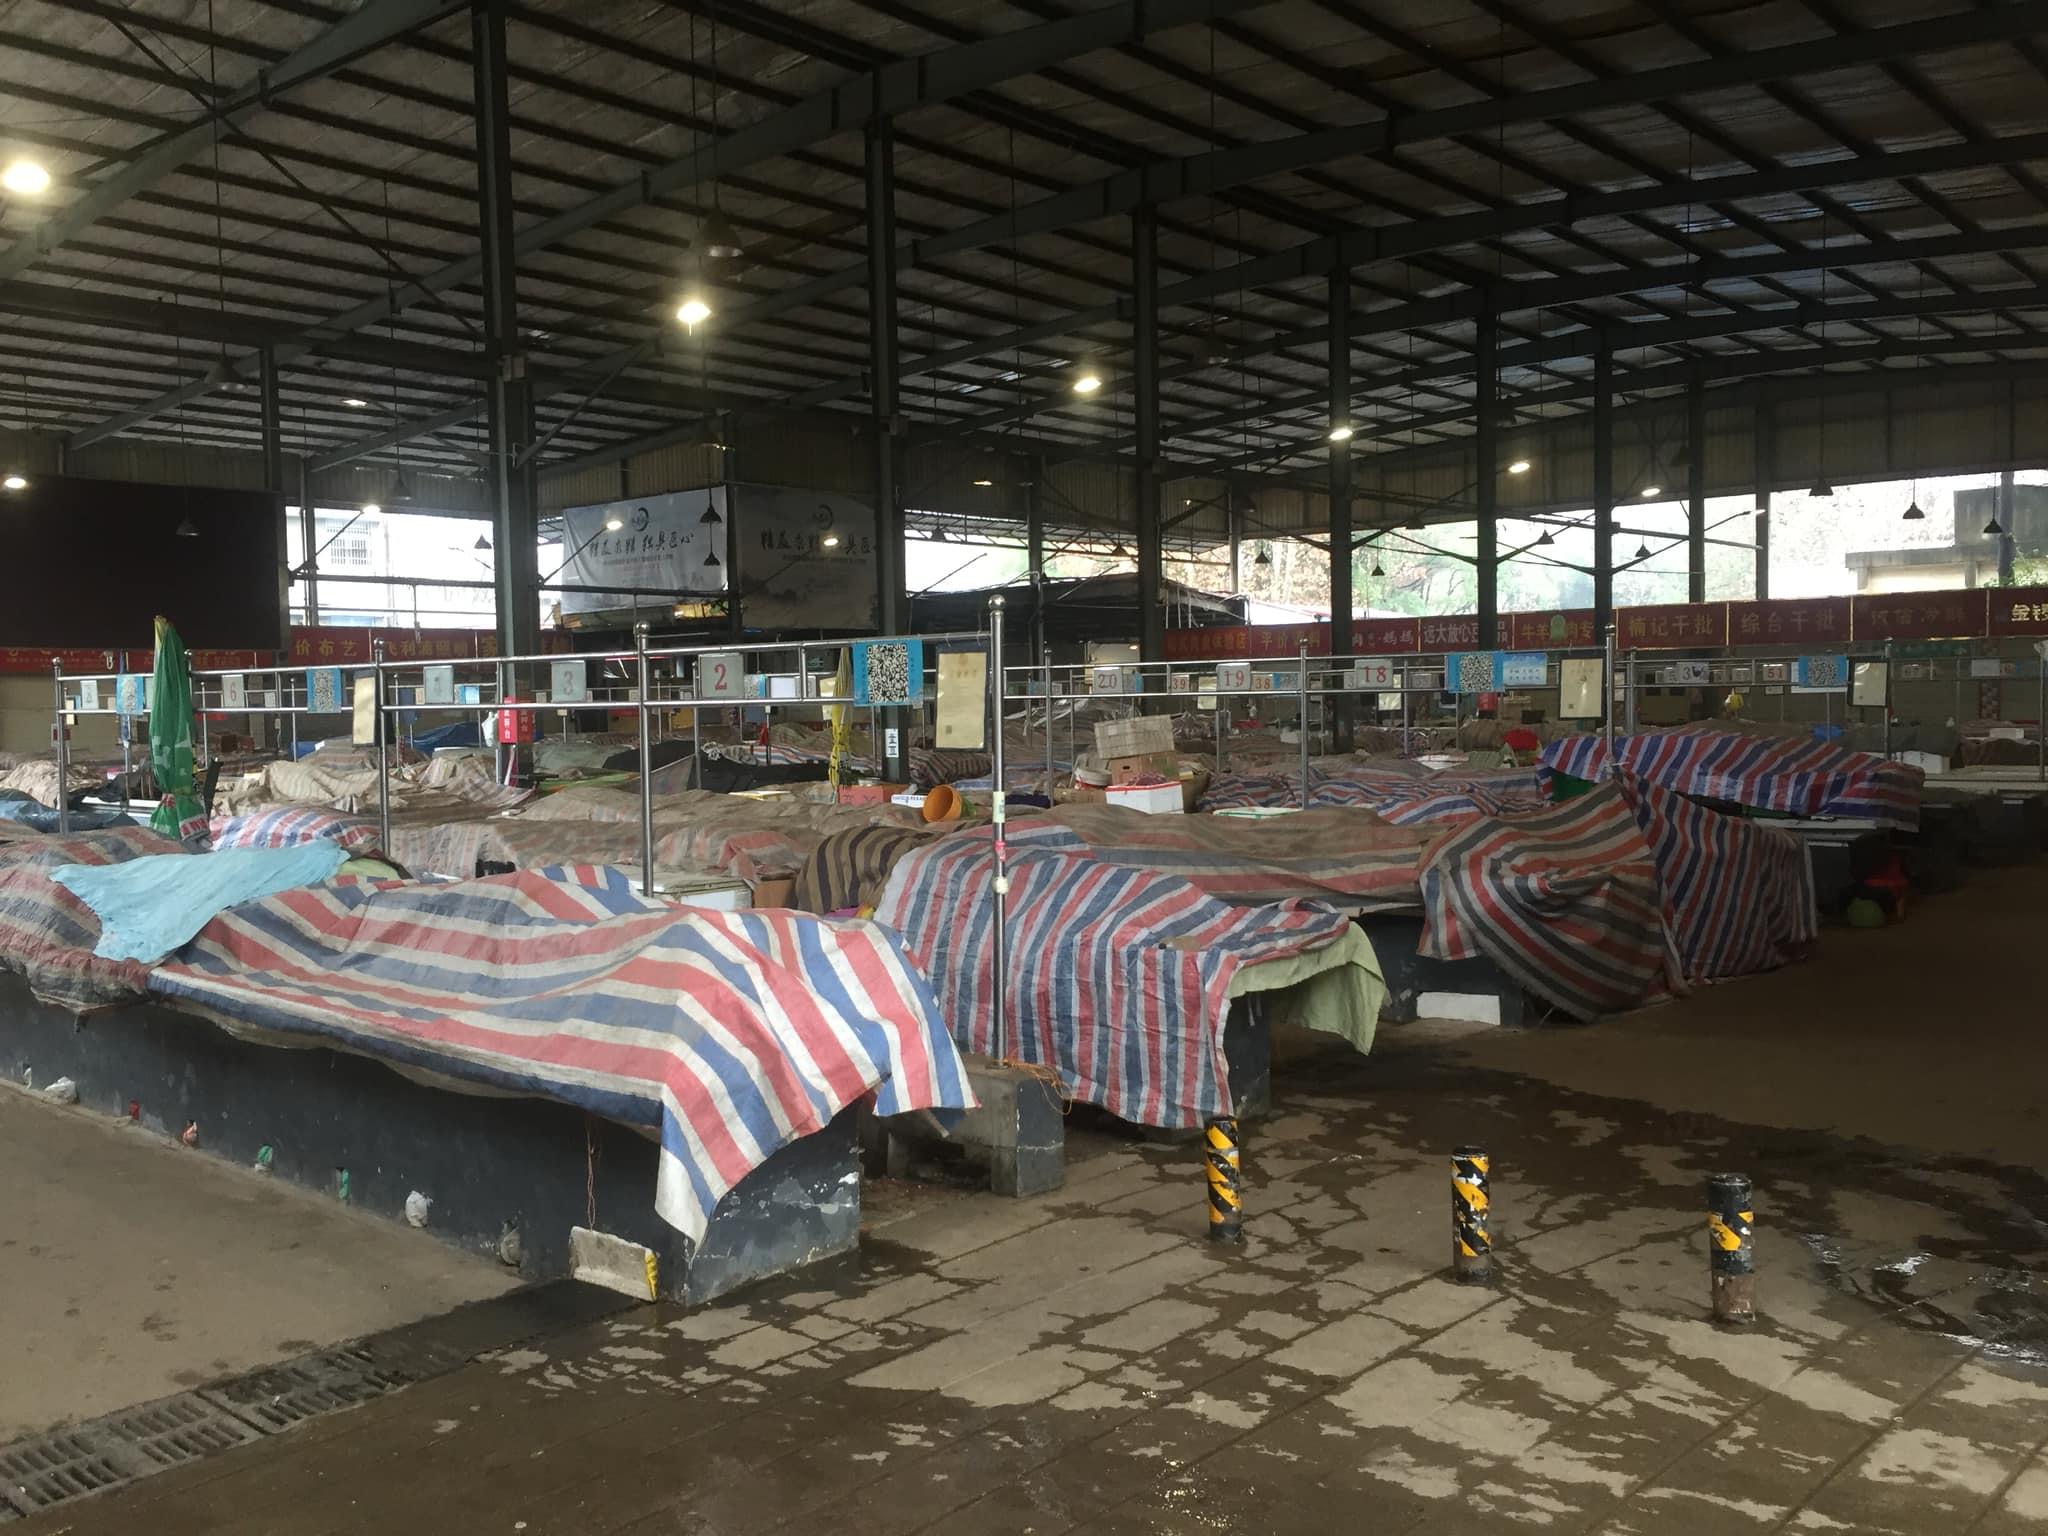 นักศึกษาไทยในเมืองอู่ฮั่น โพสต์รอความหวังจากทางการไทยพาตัวกลับบ้าน